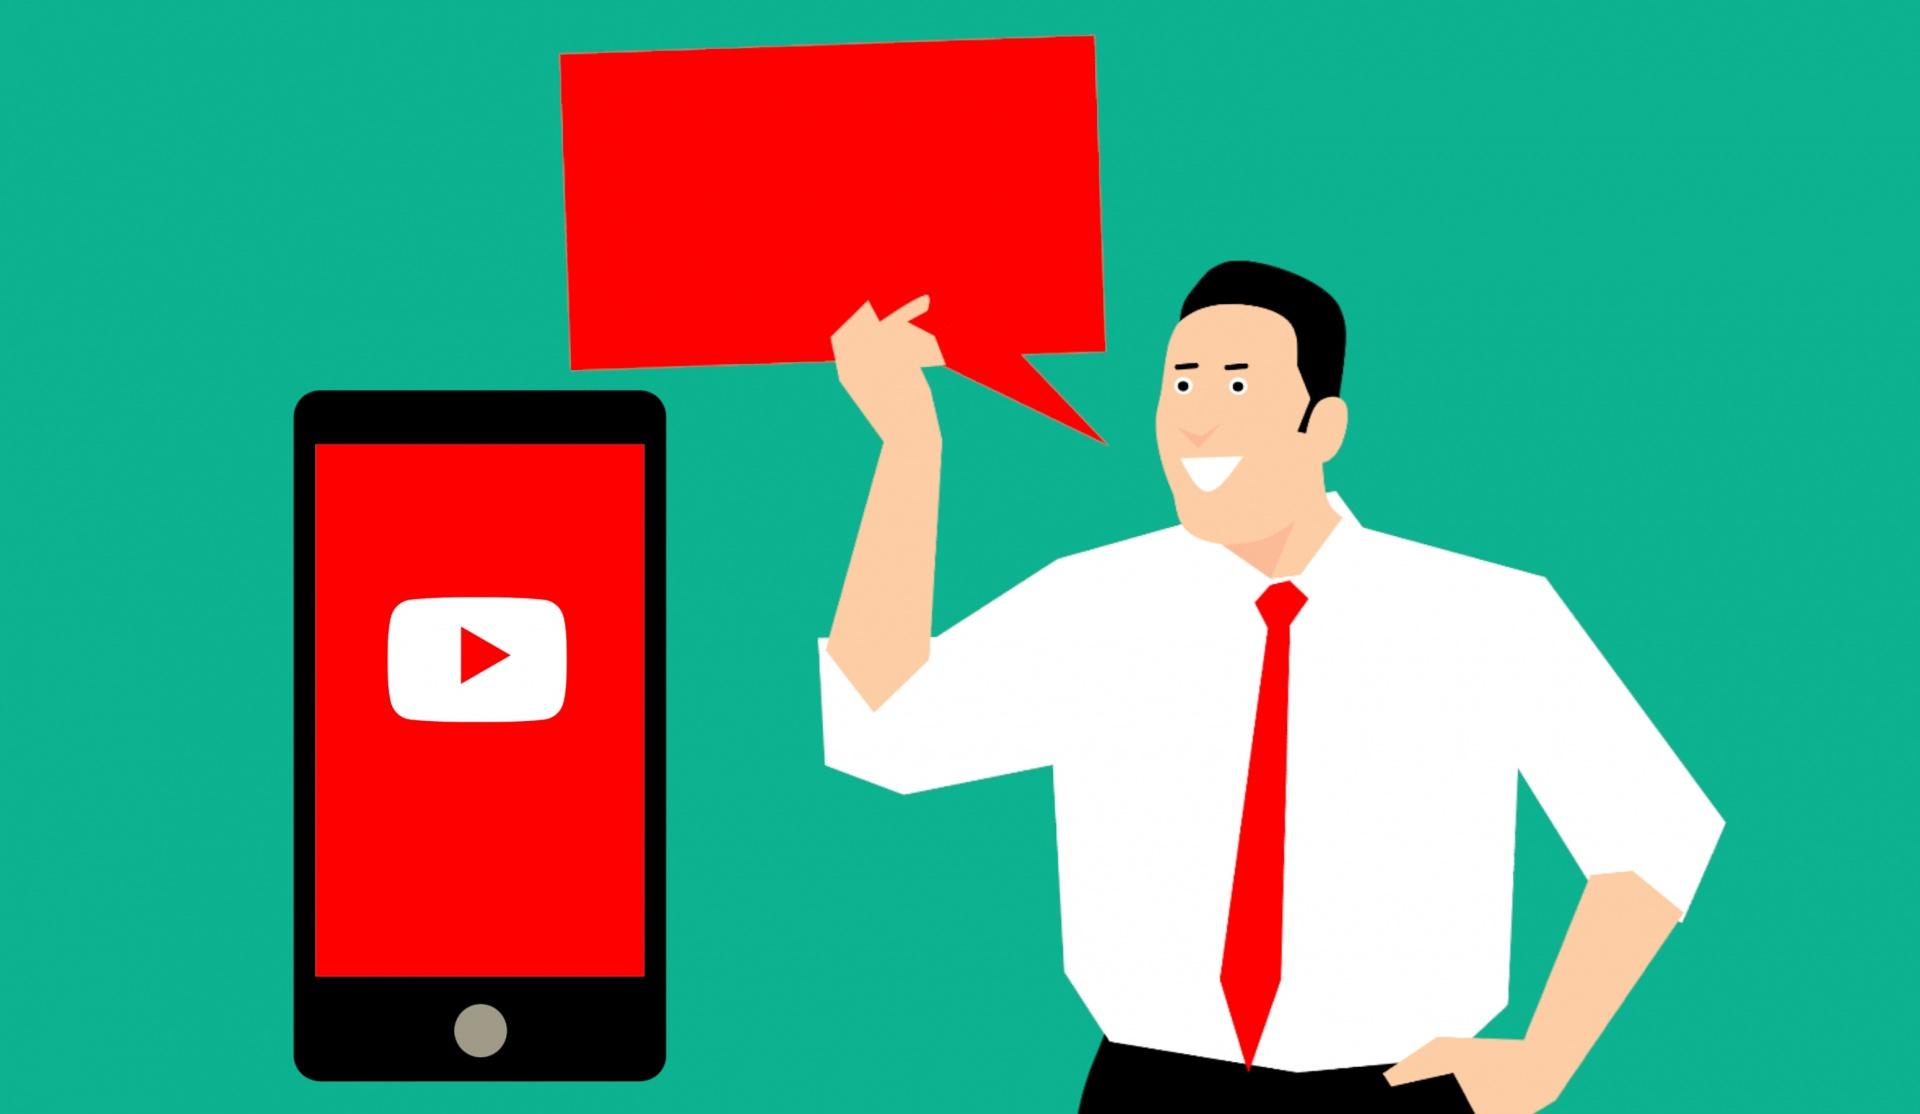 Накрутка подписчиков Ютуб: особенности